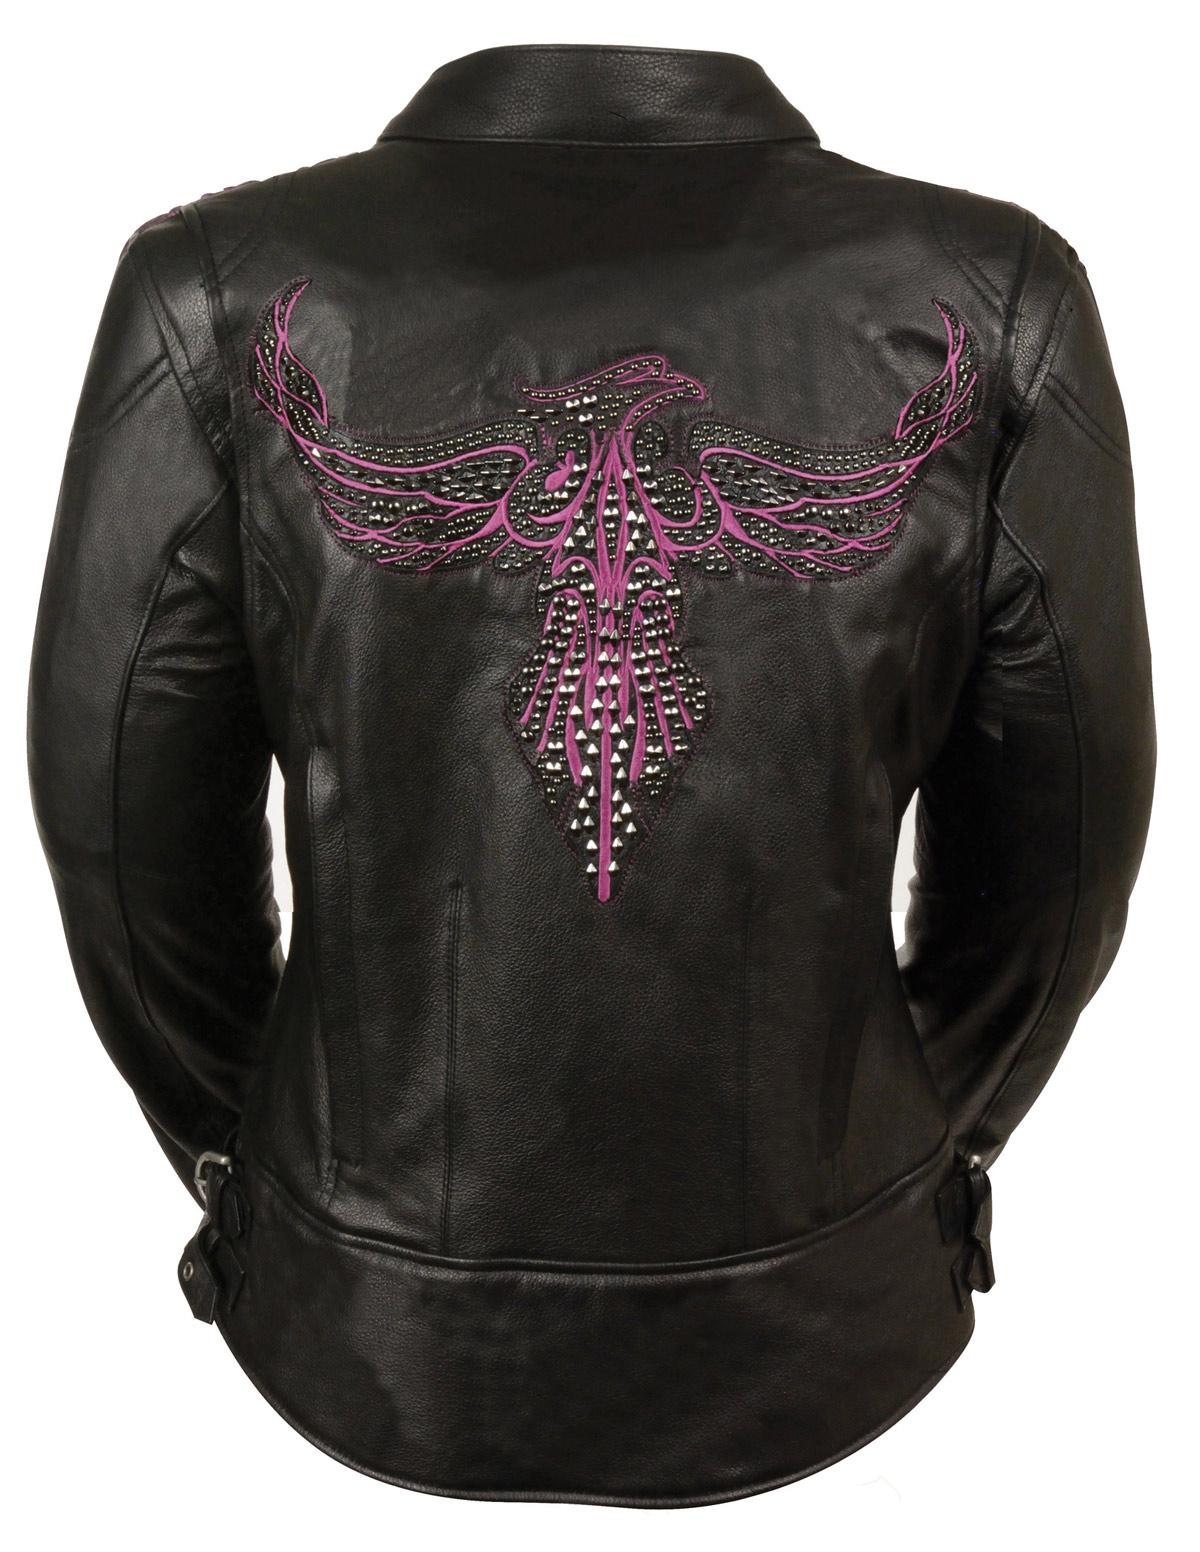 Pink leather biker jacket